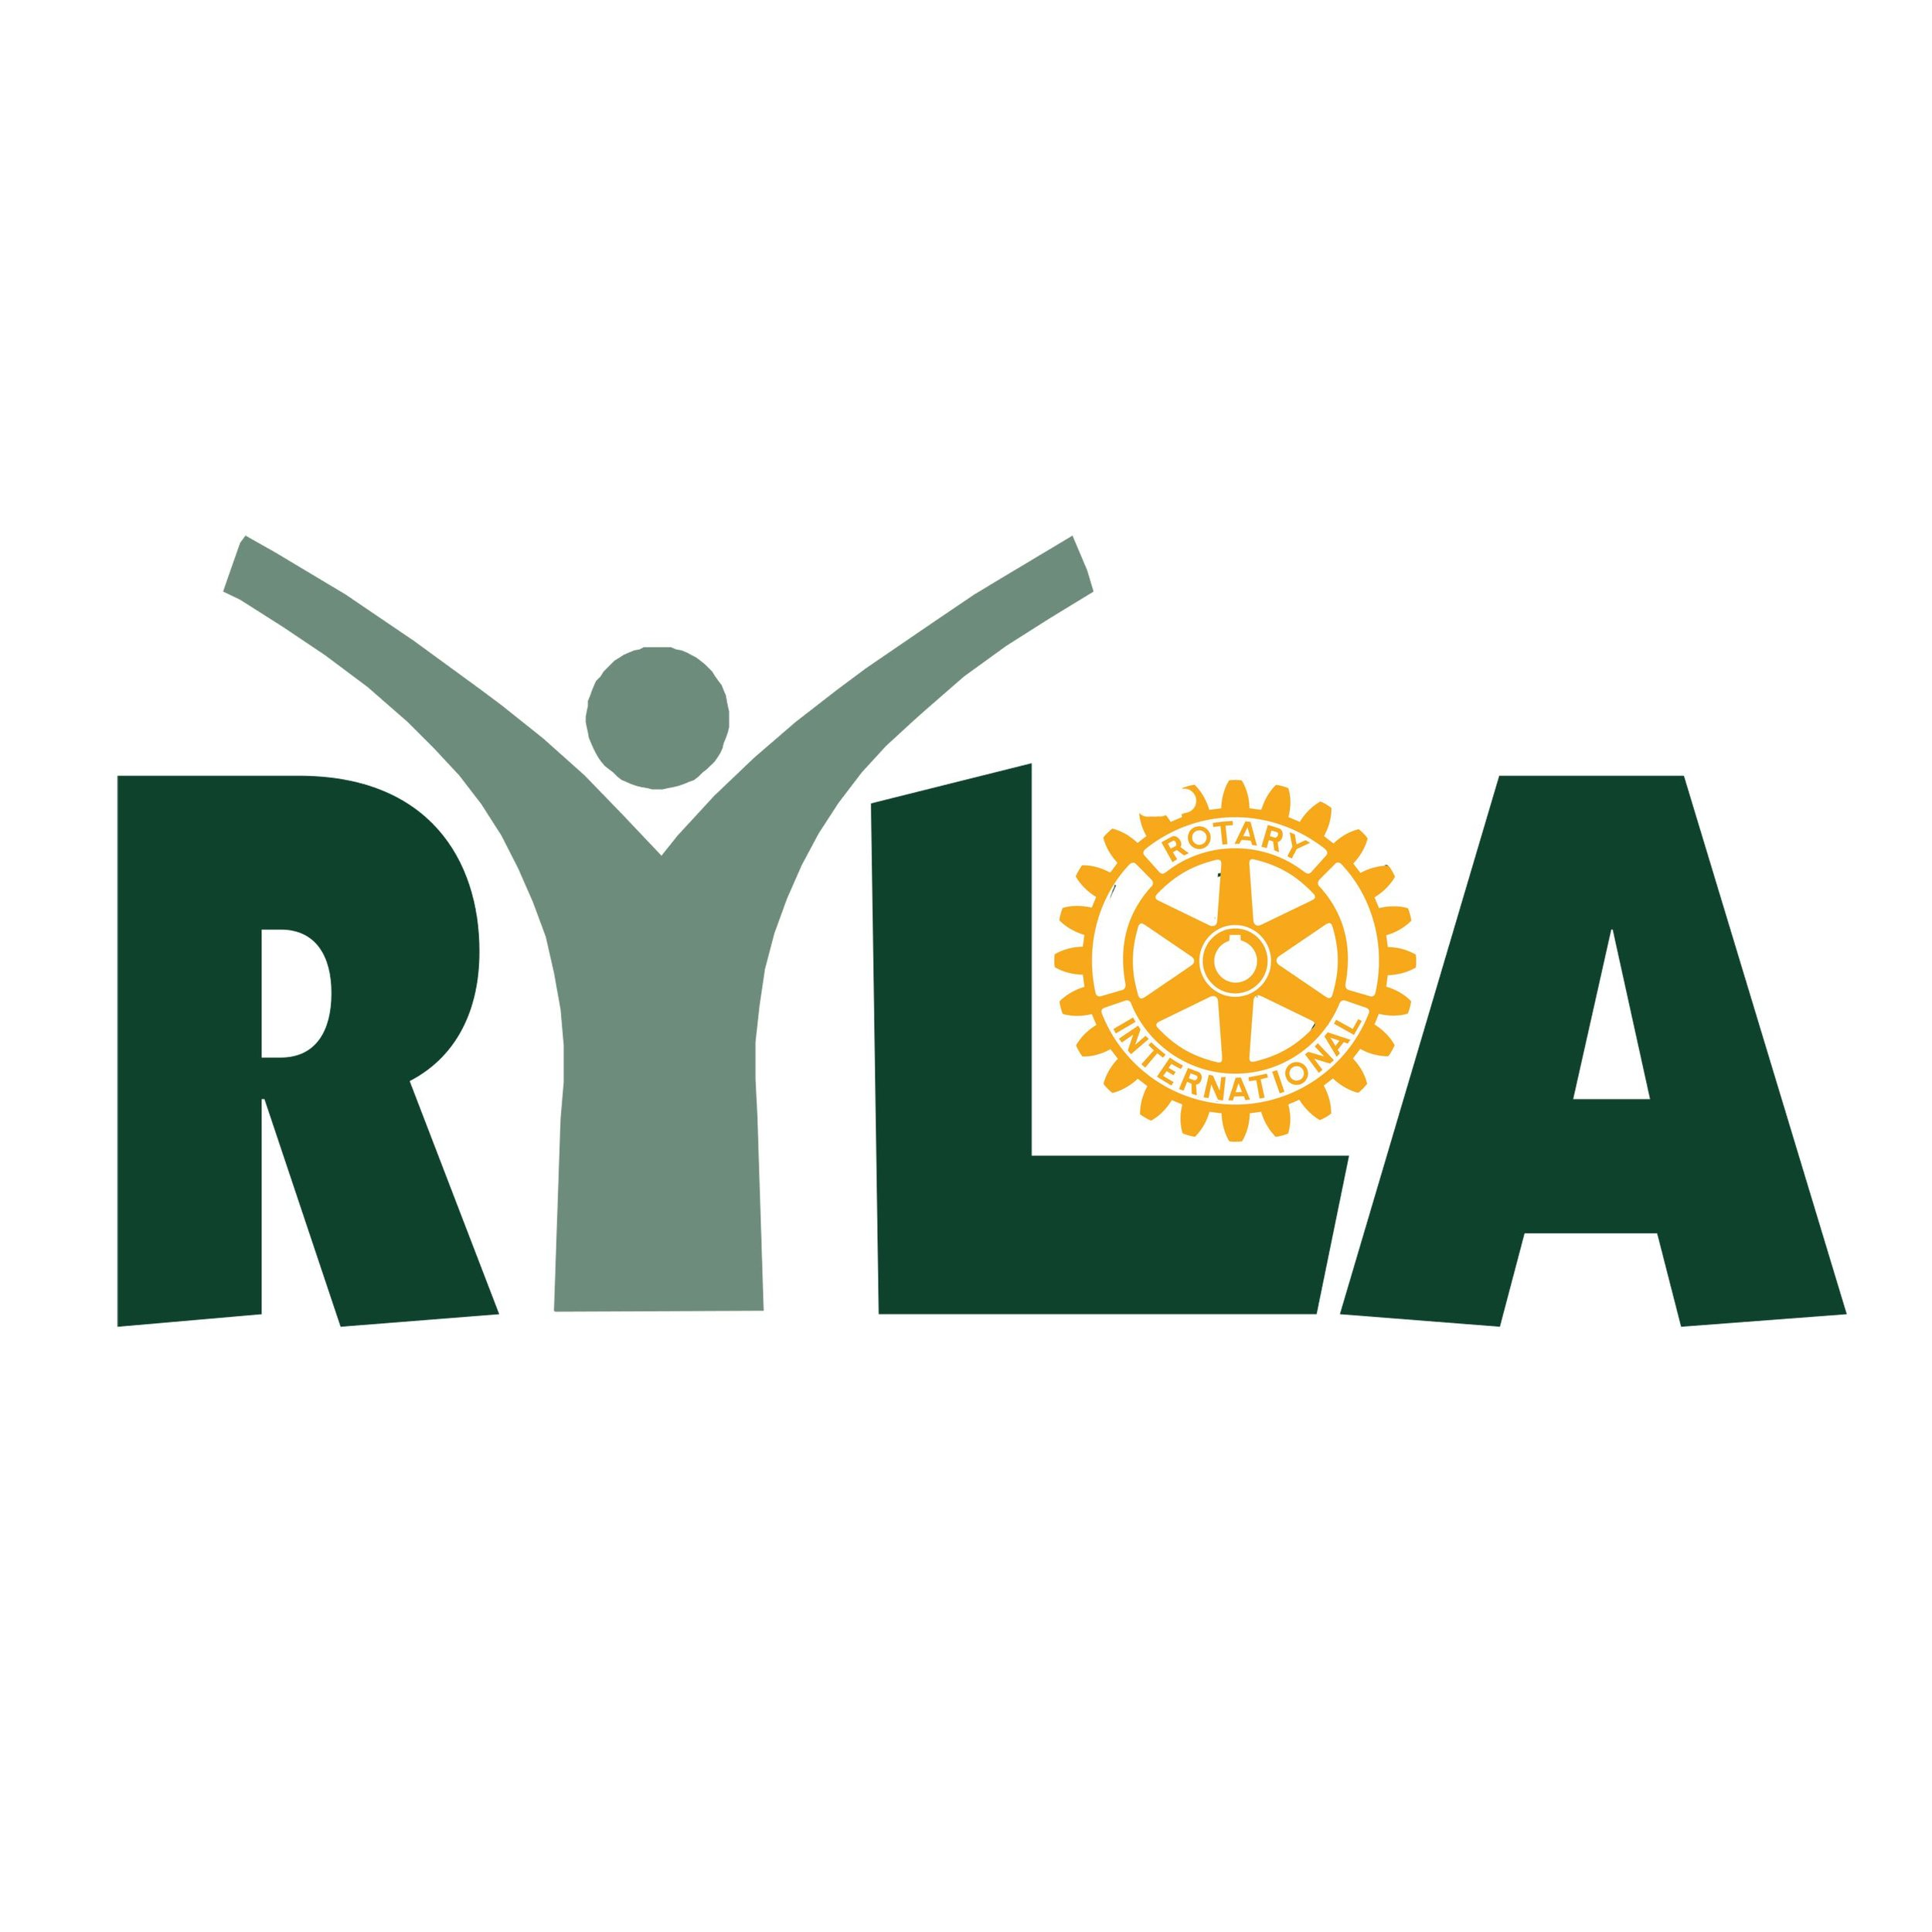 ryla-logo-png-transparent.jpg